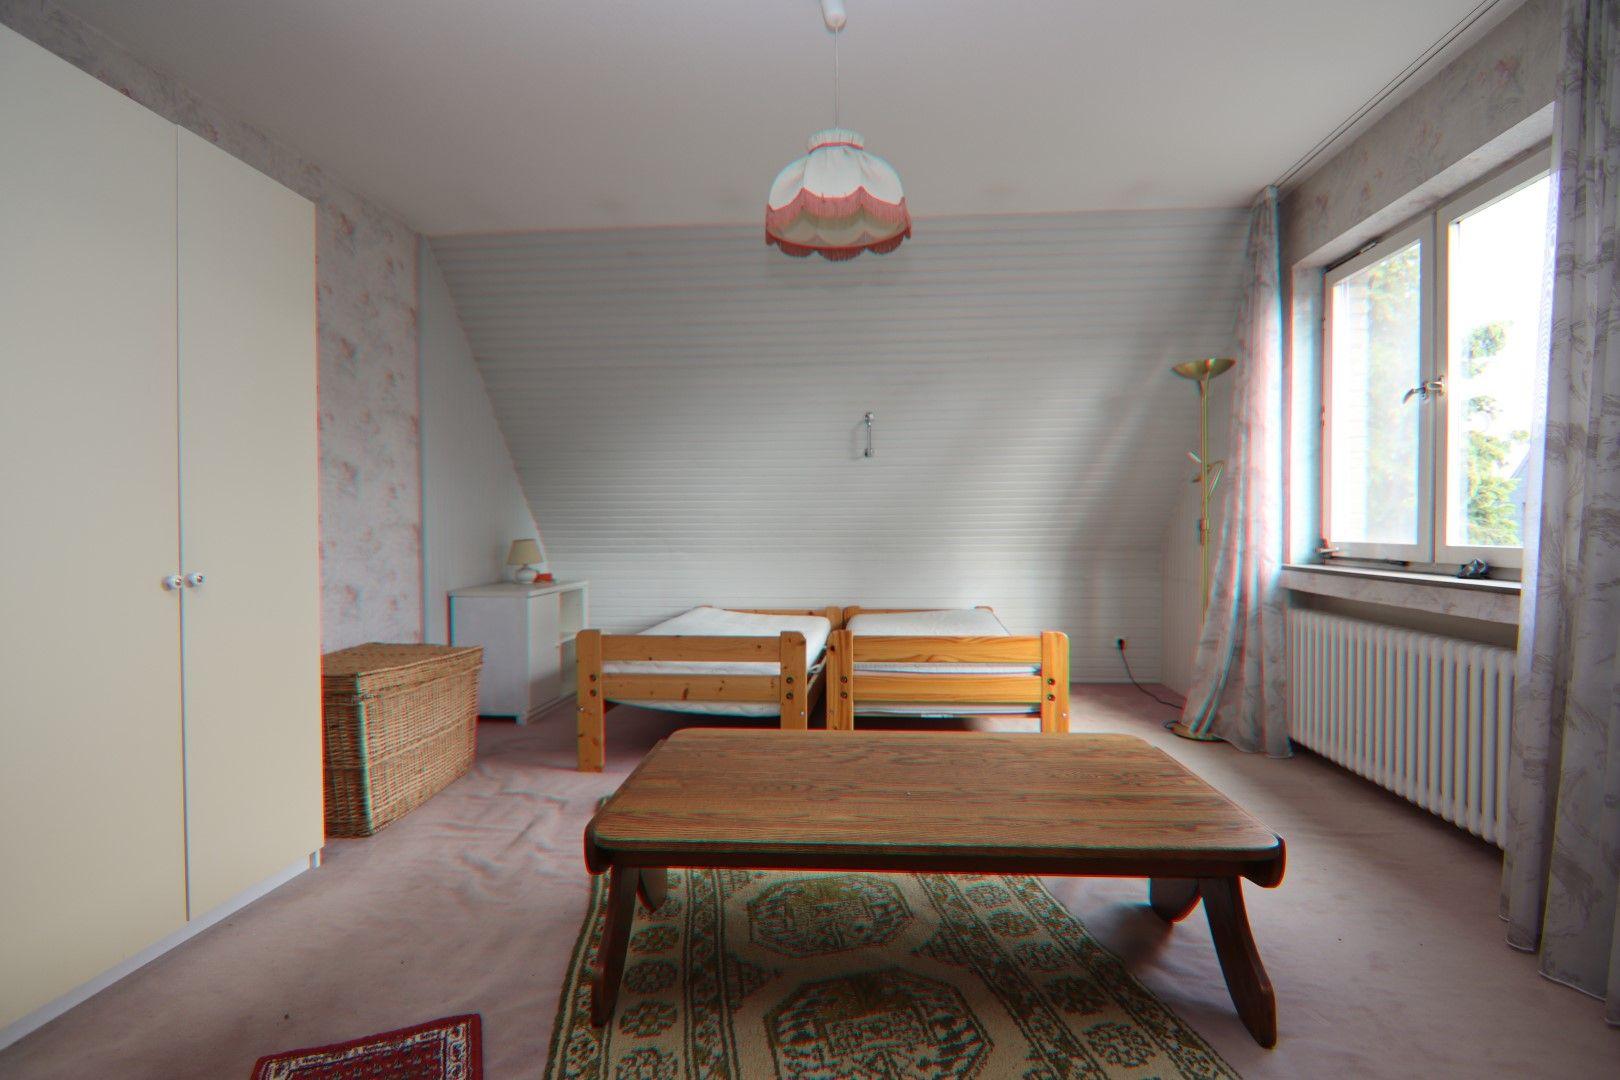 Immobilie Nr.0273 - Doppelhaushälfte in WEG mit Garten & Terrasse - Bild 14.jpg